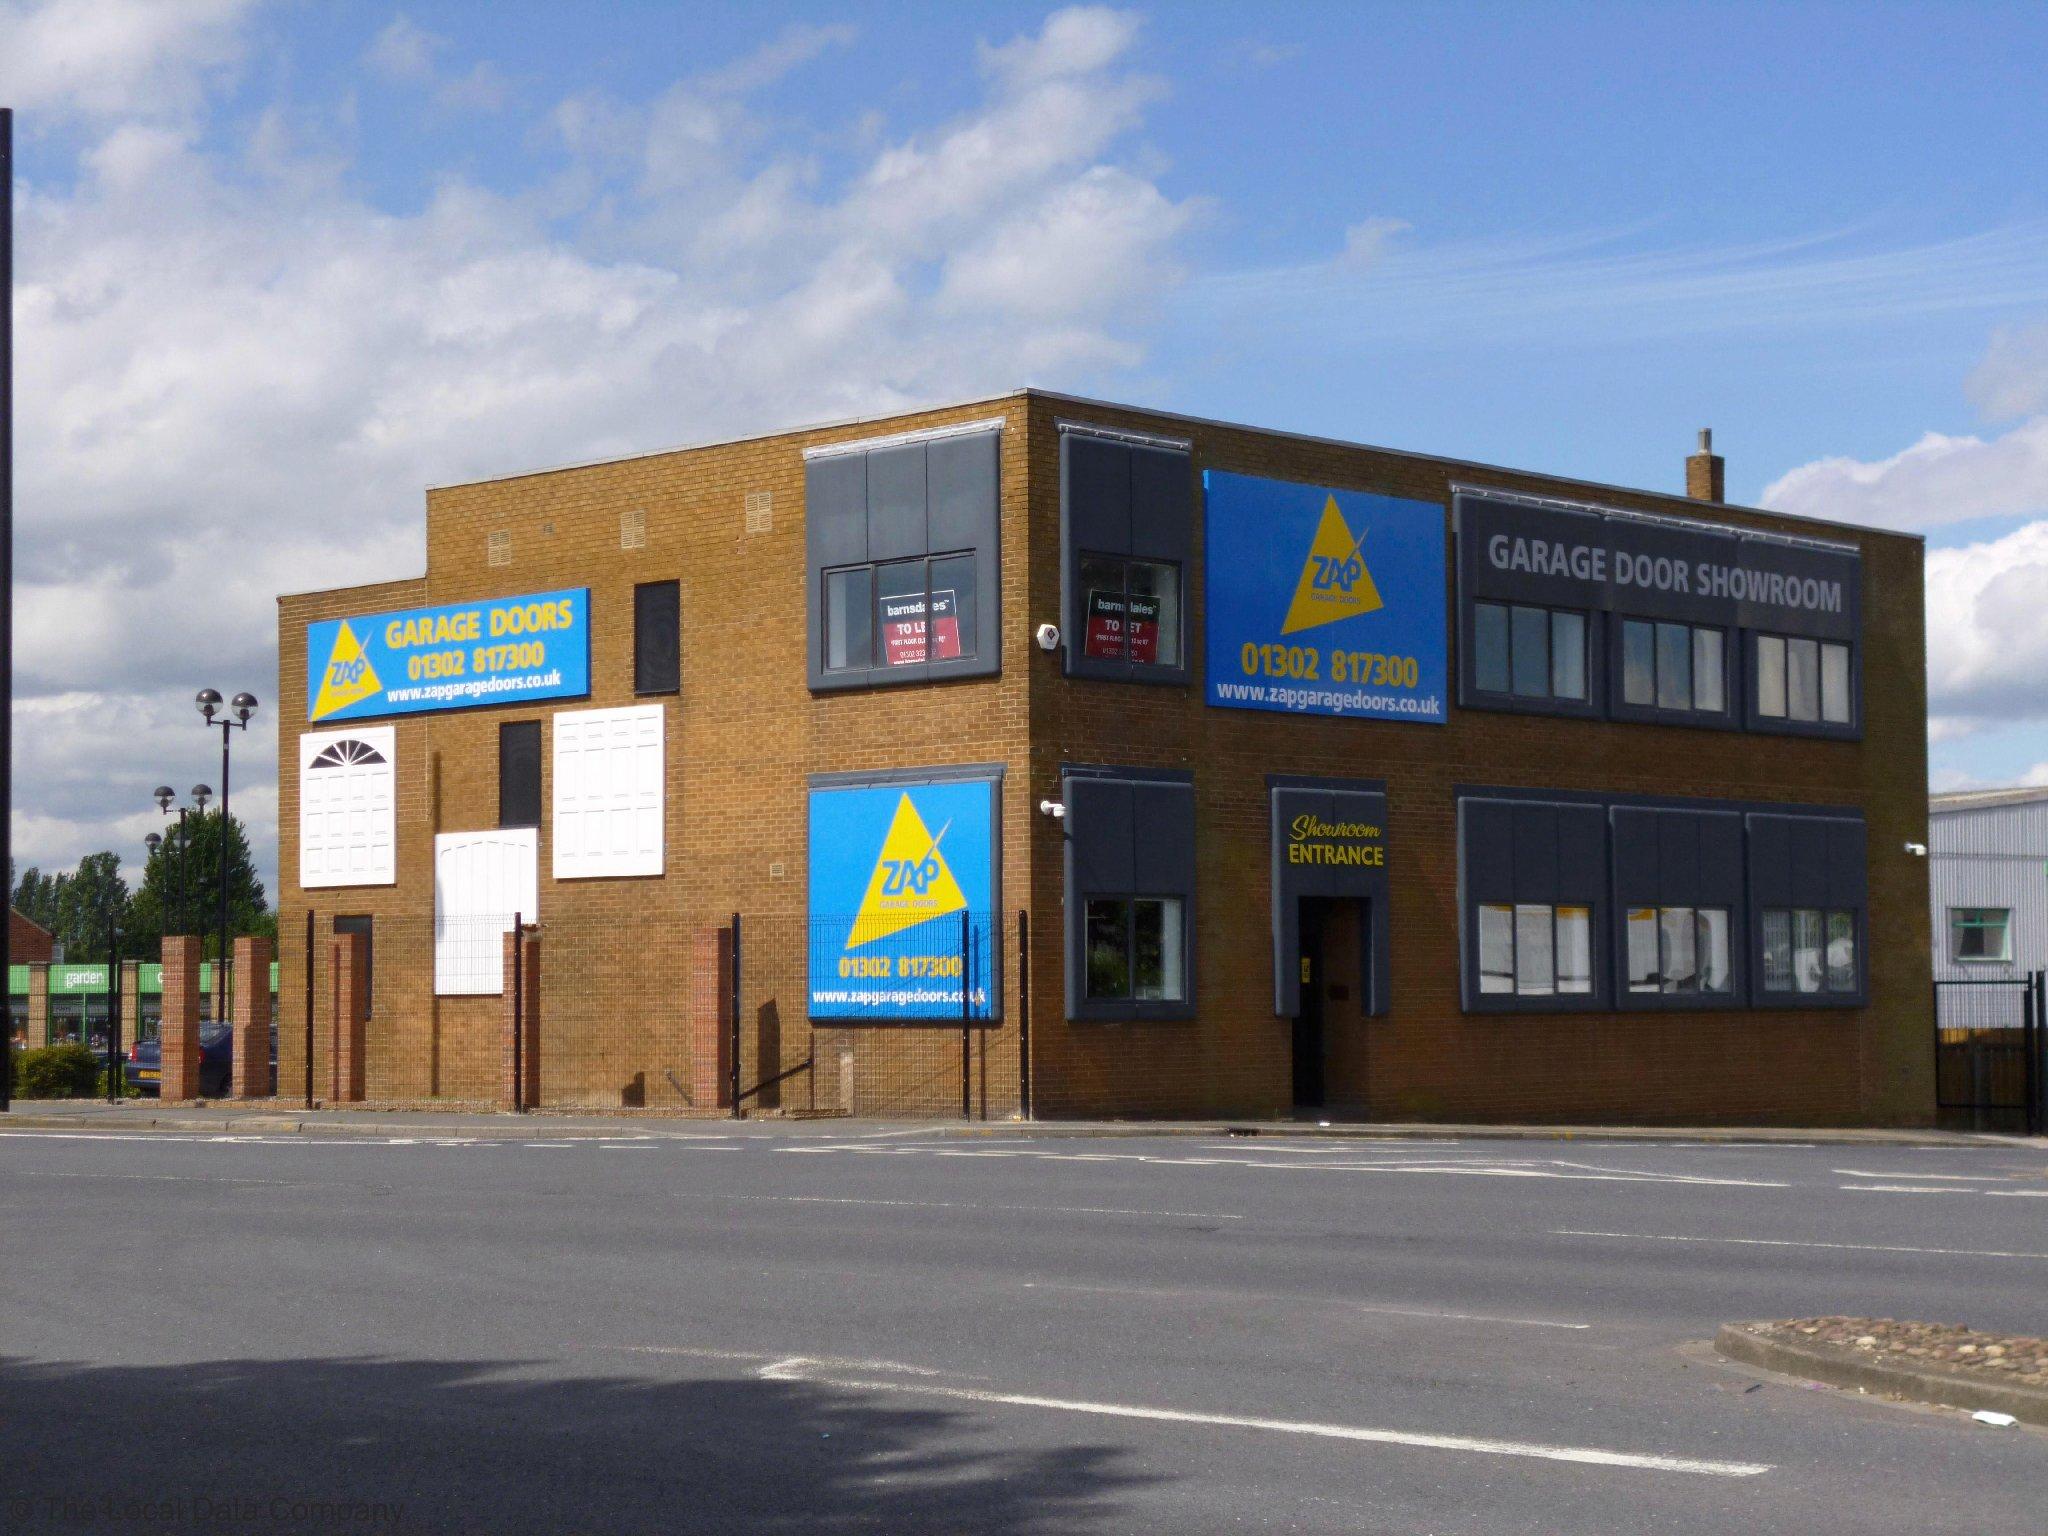 Zap Garage Doors Ltd Doors Amp Shutters Sales And